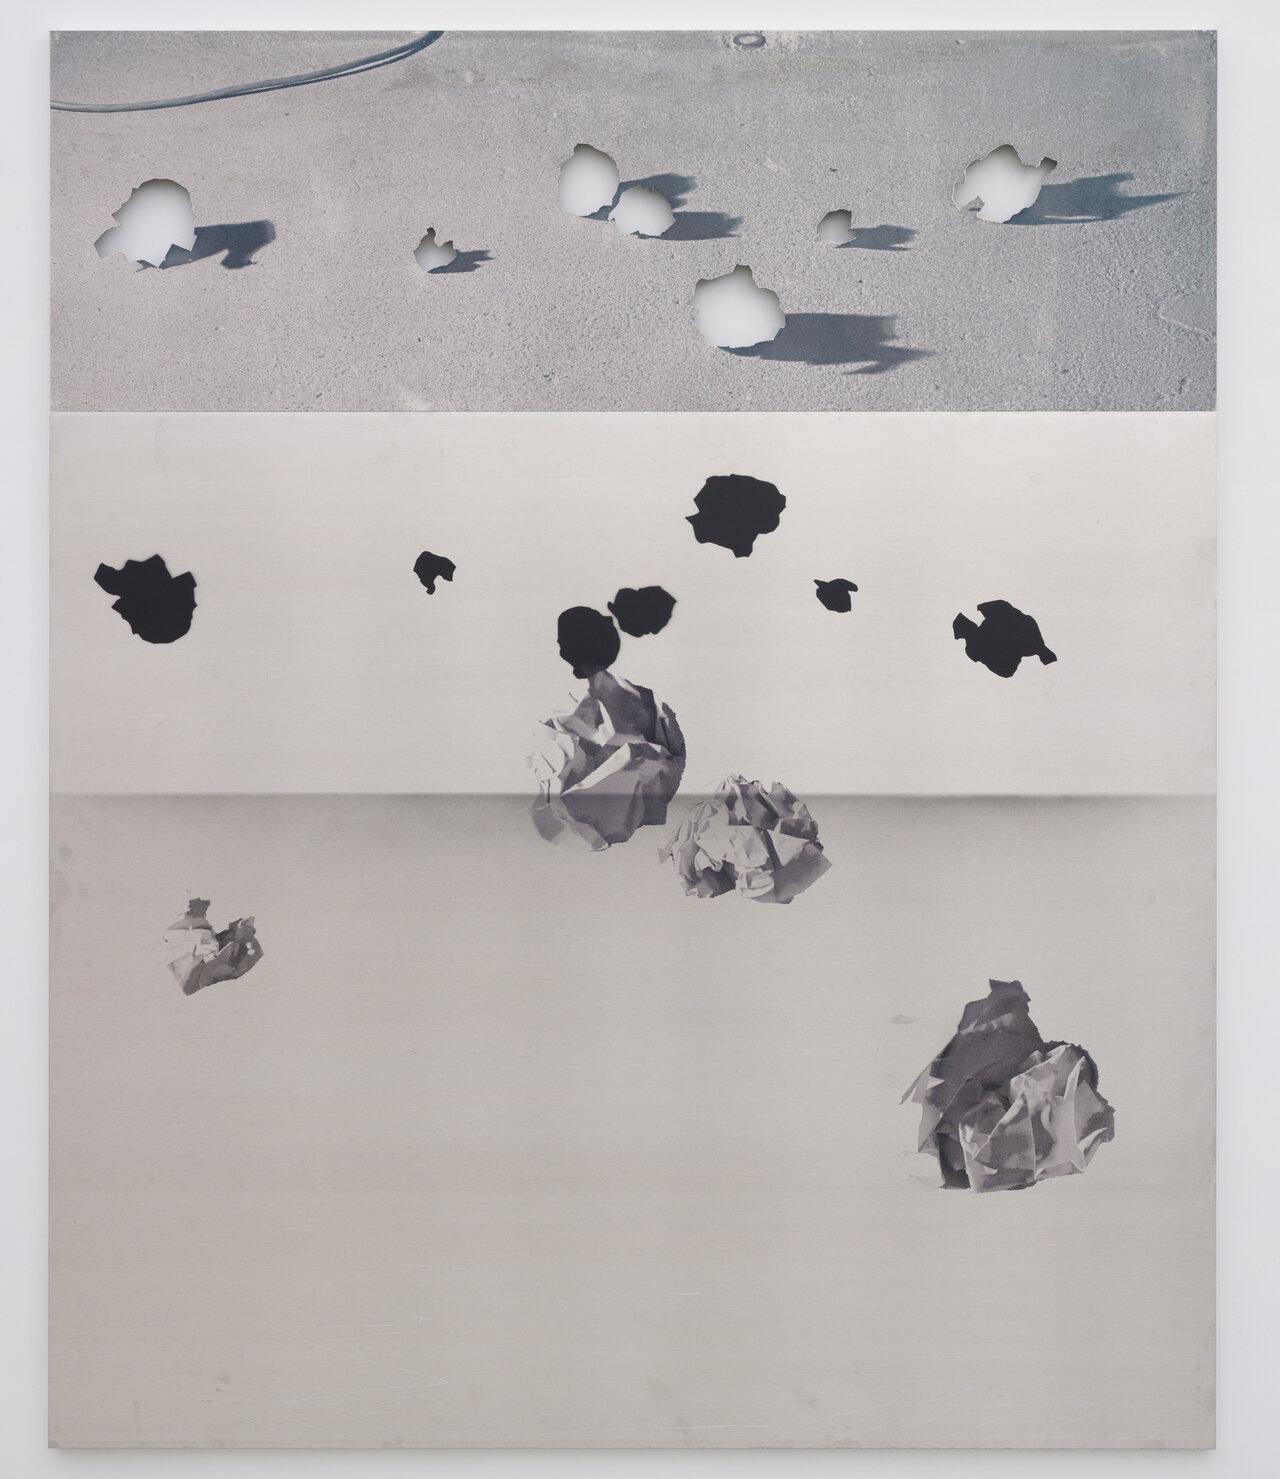 ネイサン・ヒルデン Untitled 2018 acrylic on aluminum 208.2x172.1cm Courtesy of the artist and MISAKO & ROSEN Photo: KEI OKANO